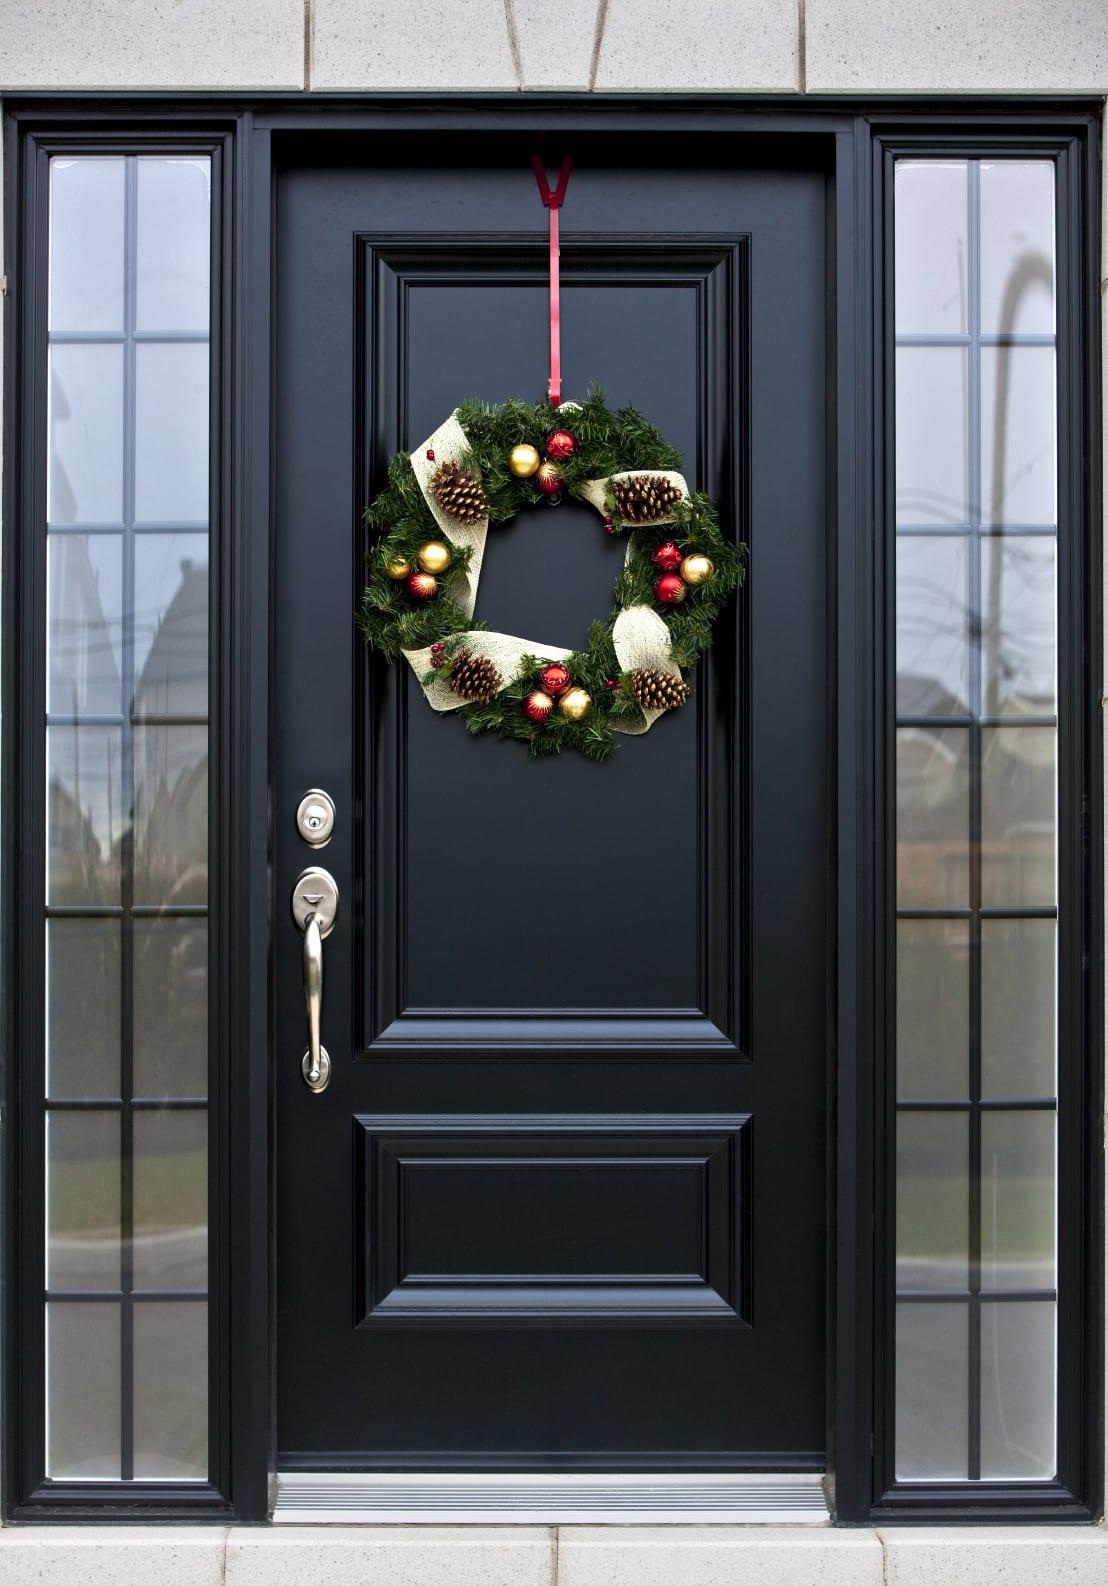 haust ren moderne eingangst ren schwarz zur weihnachtszeit dekorieren freshouse. Black Bedroom Furniture Sets. Home Design Ideas